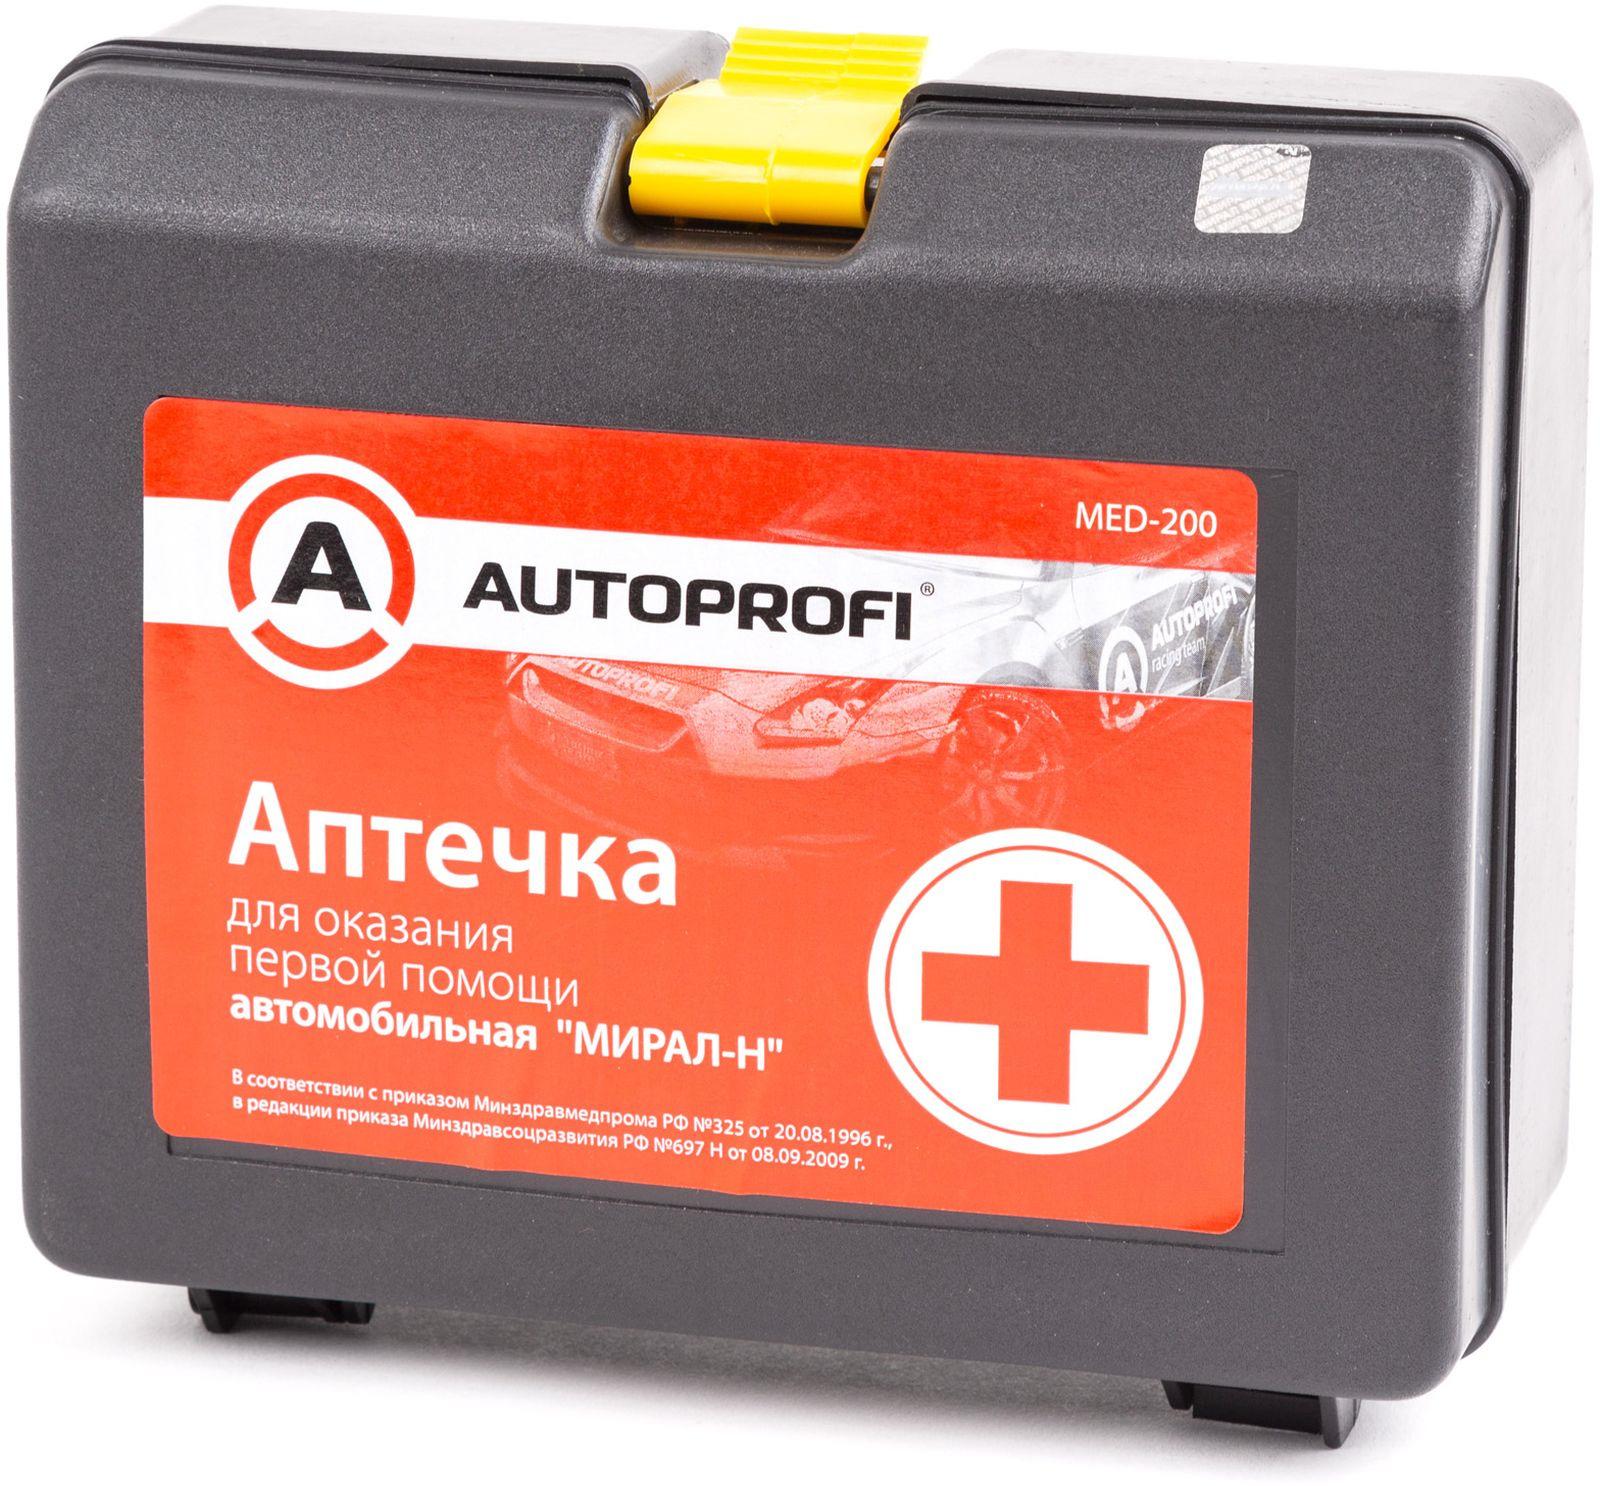 Аптечка первой помощи Autoprifi, MED-200, автомобильная